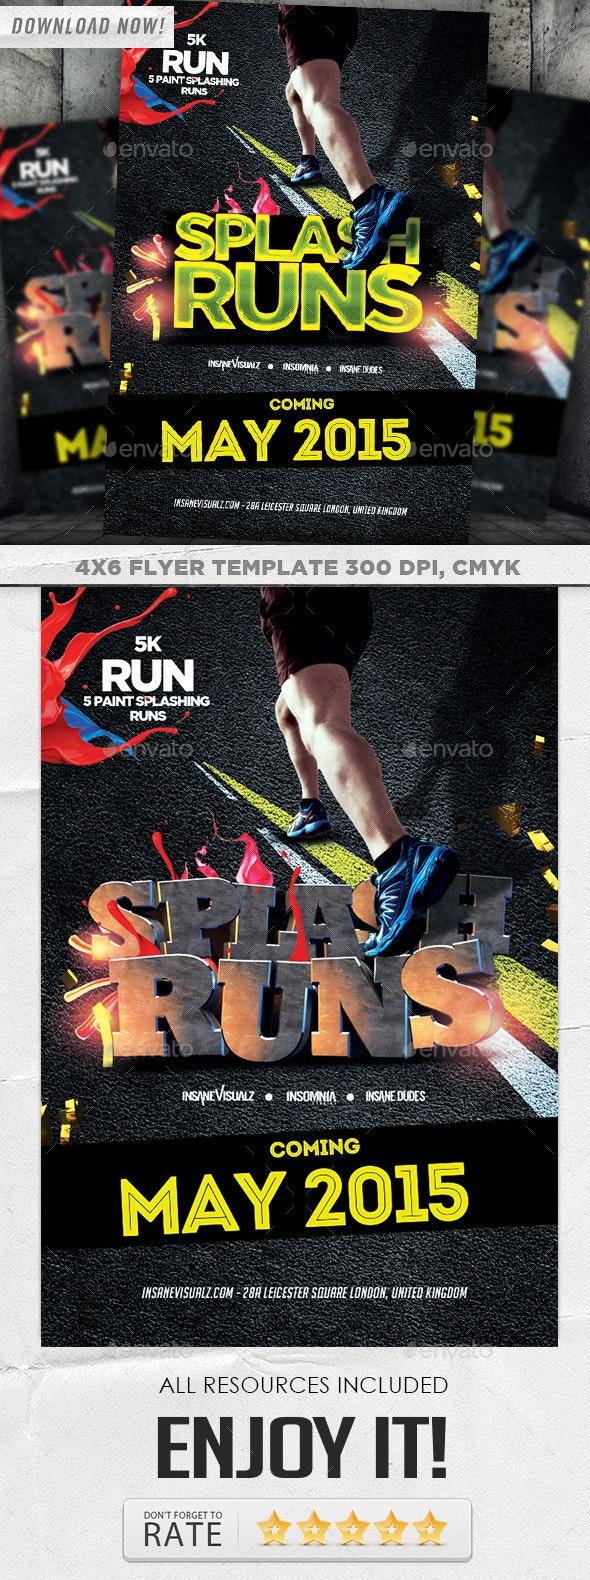 Splash Runs Flyer Template - Flyers Print Templates